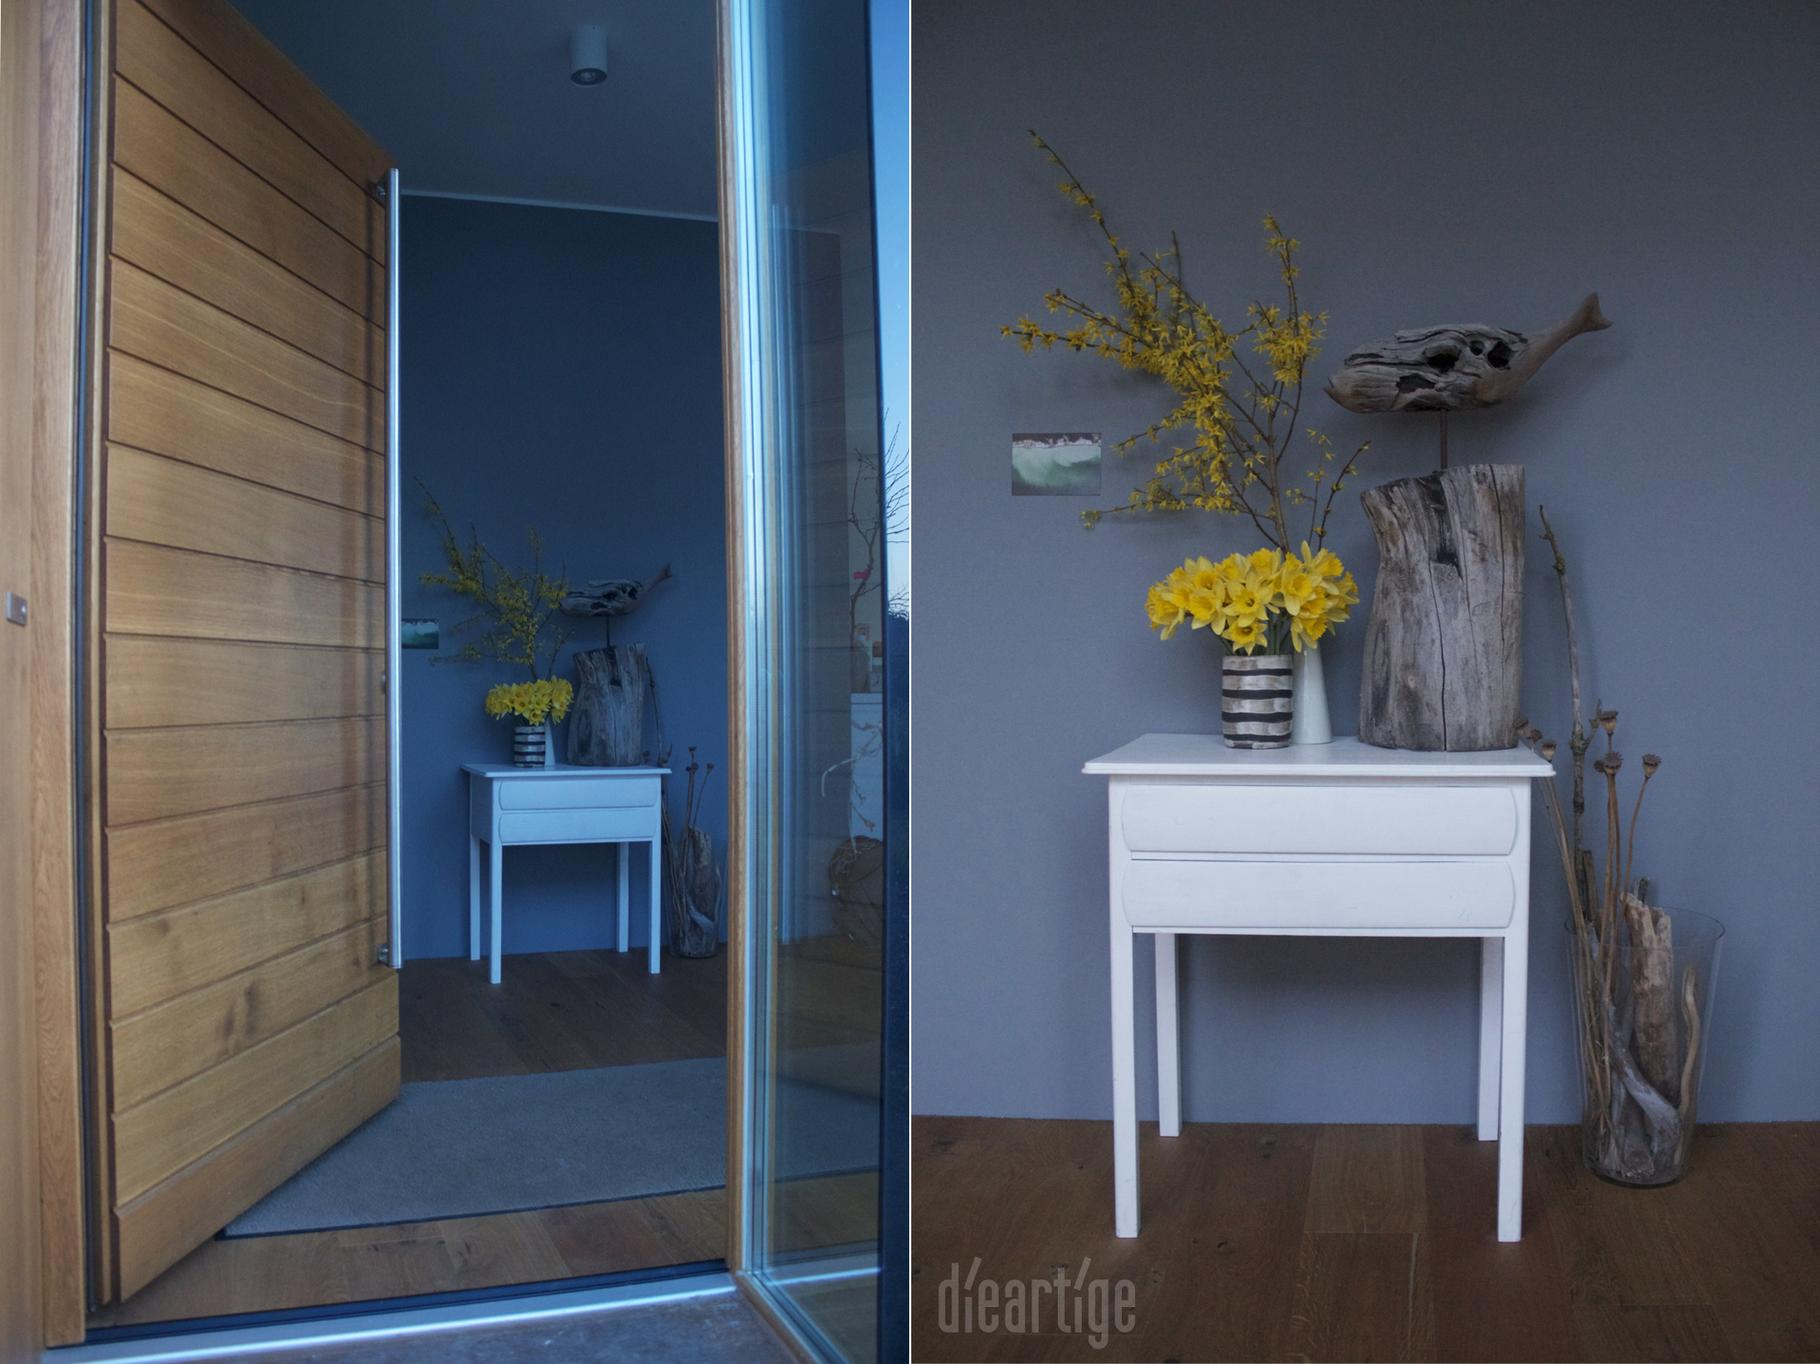 dieartige - Das Abendblau und Gelb / Eingangsbereich mit Eichentür